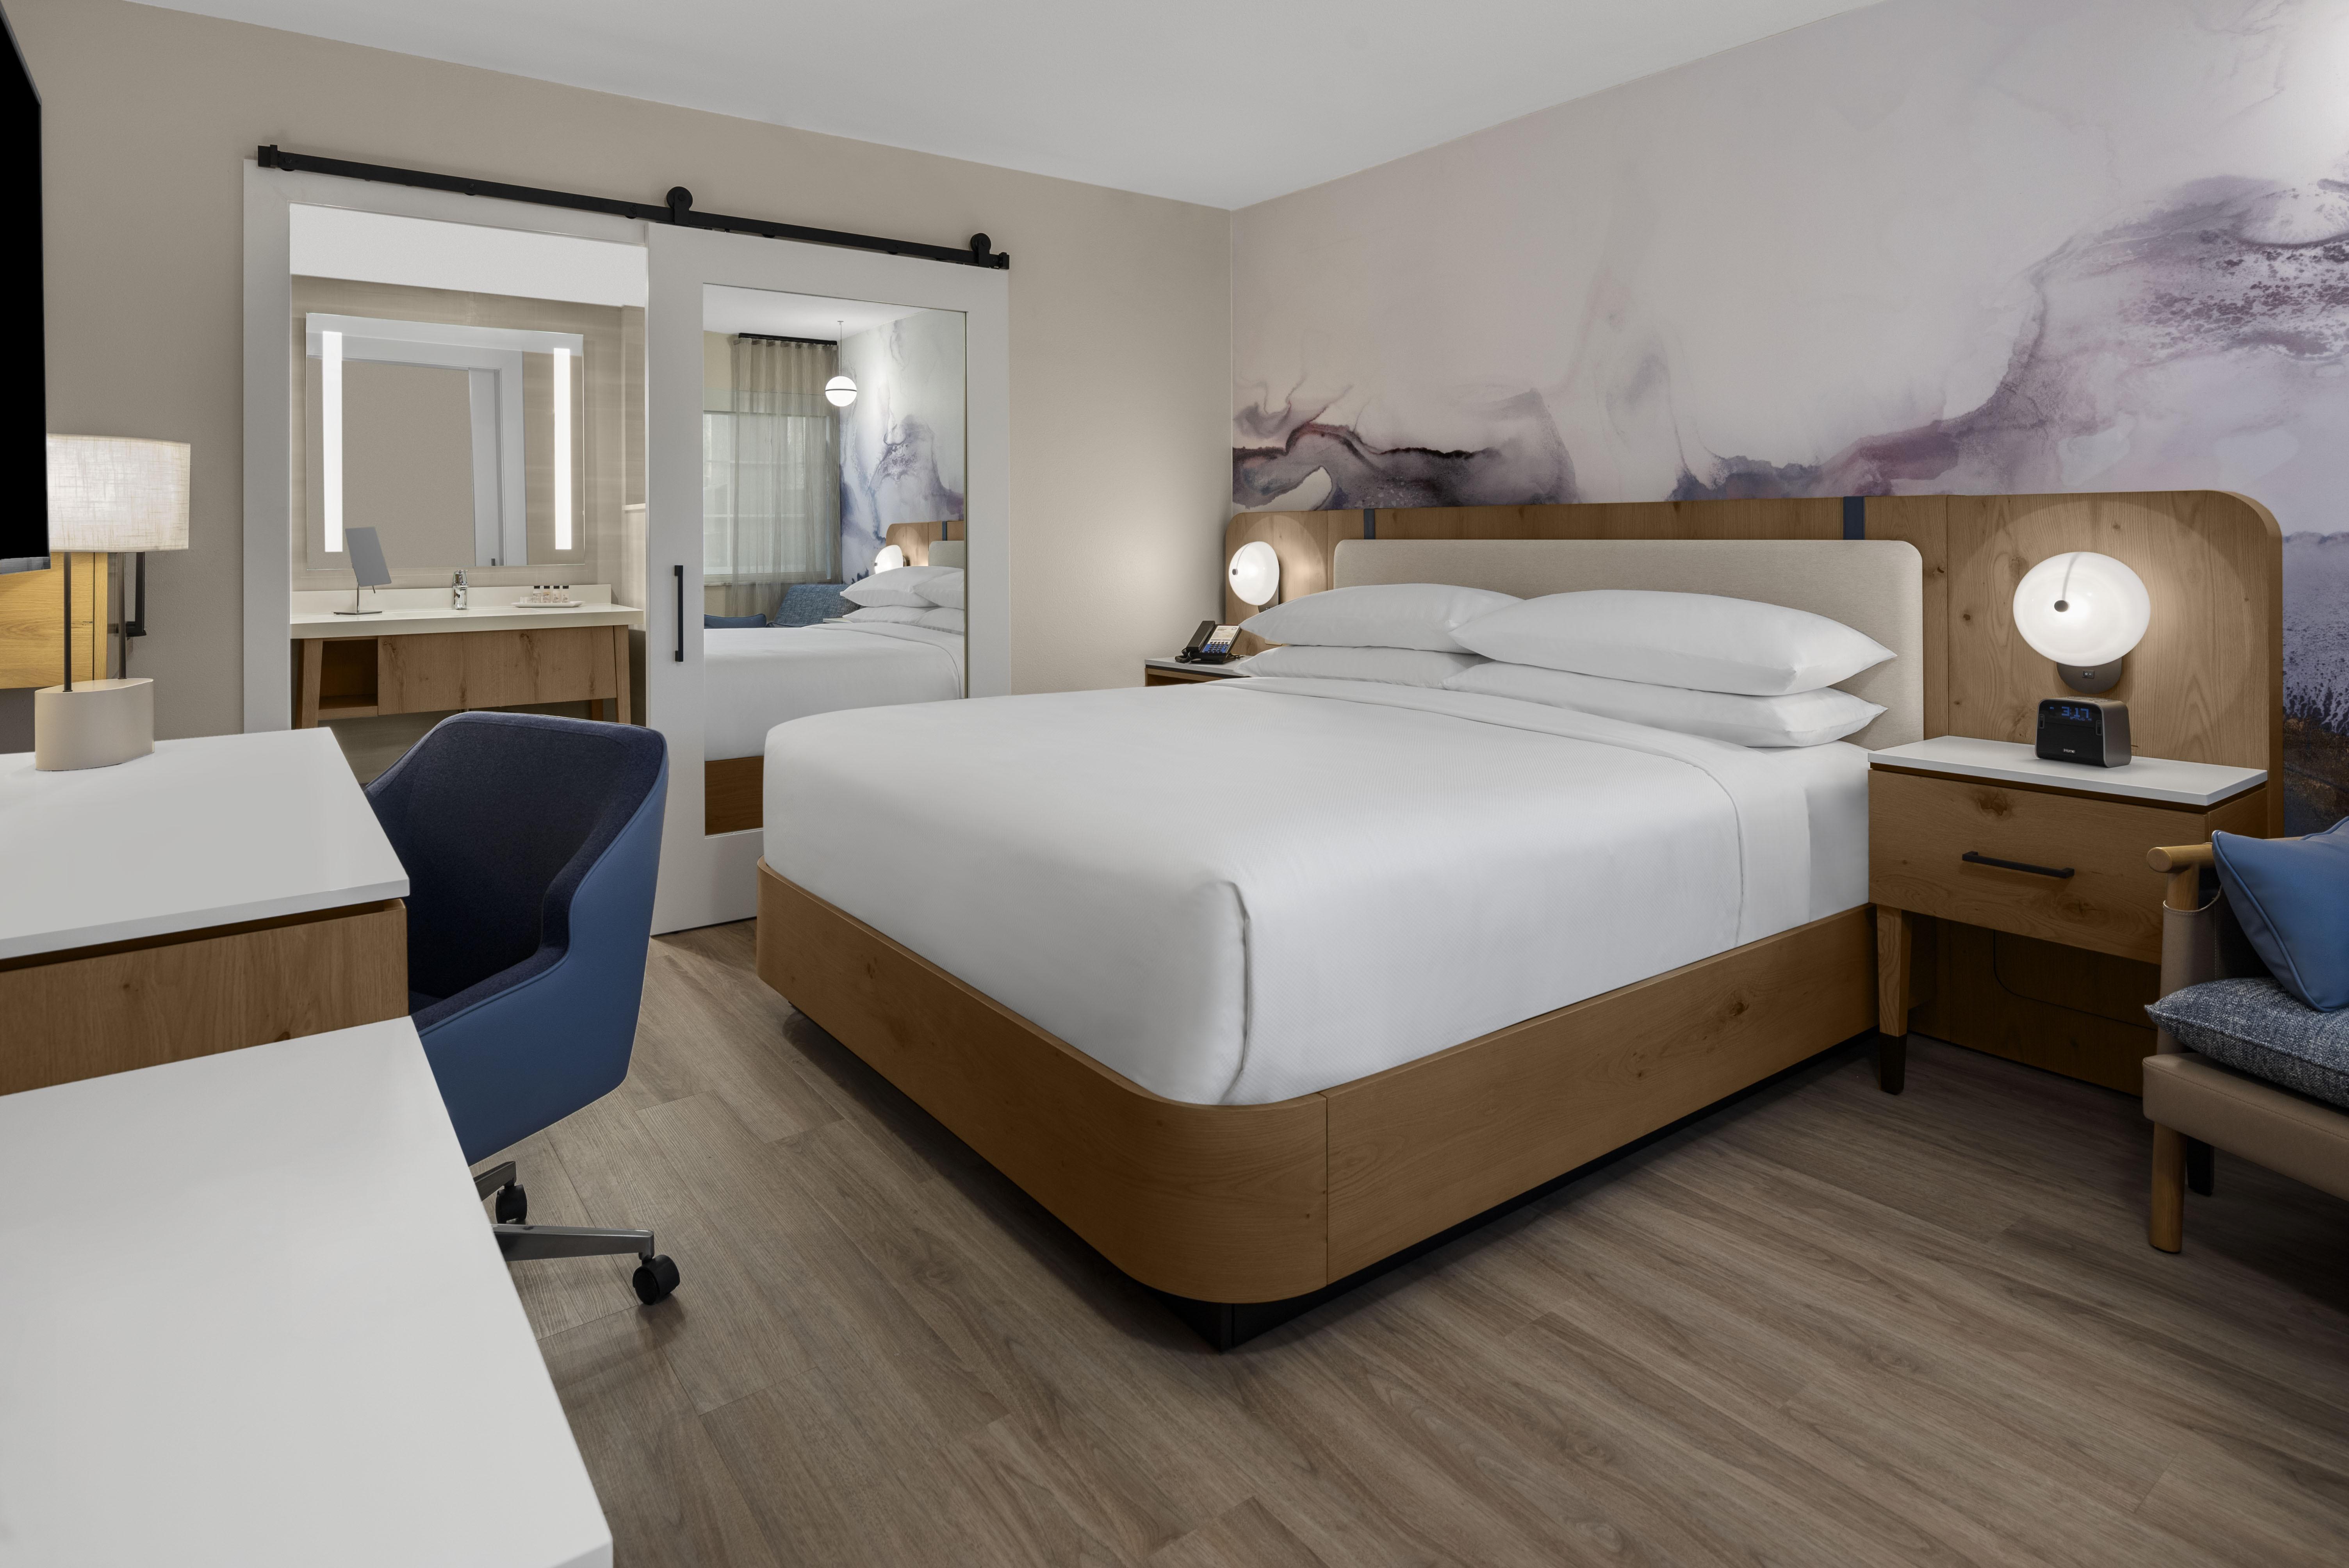 DHR - Santa Clara Silicon Valley King Room.jpg